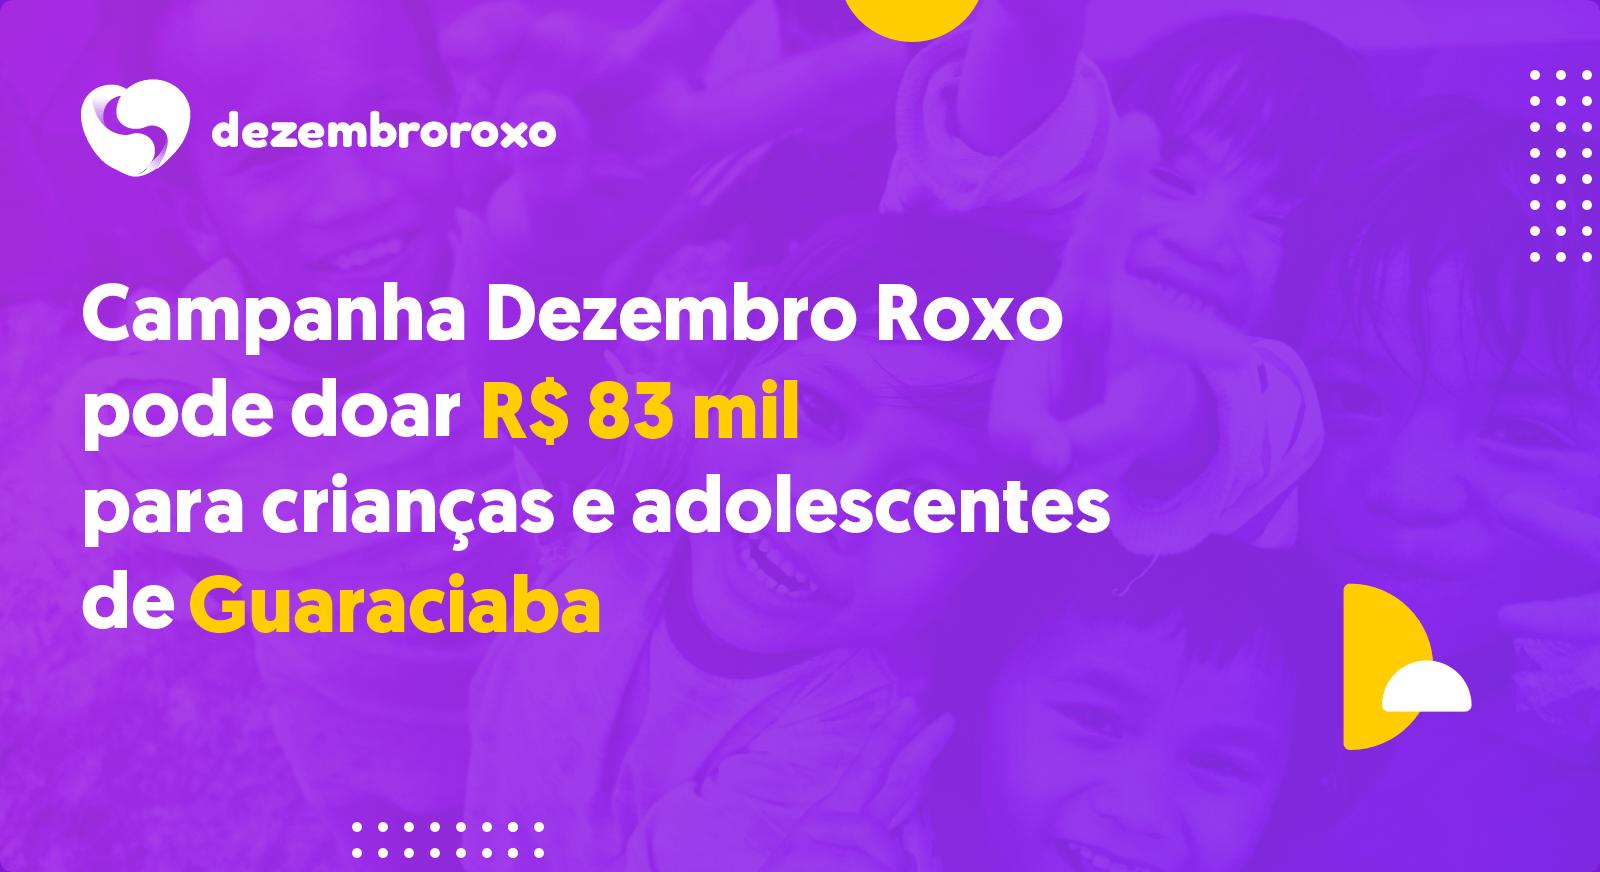 Doações em Guaraciaba - SC